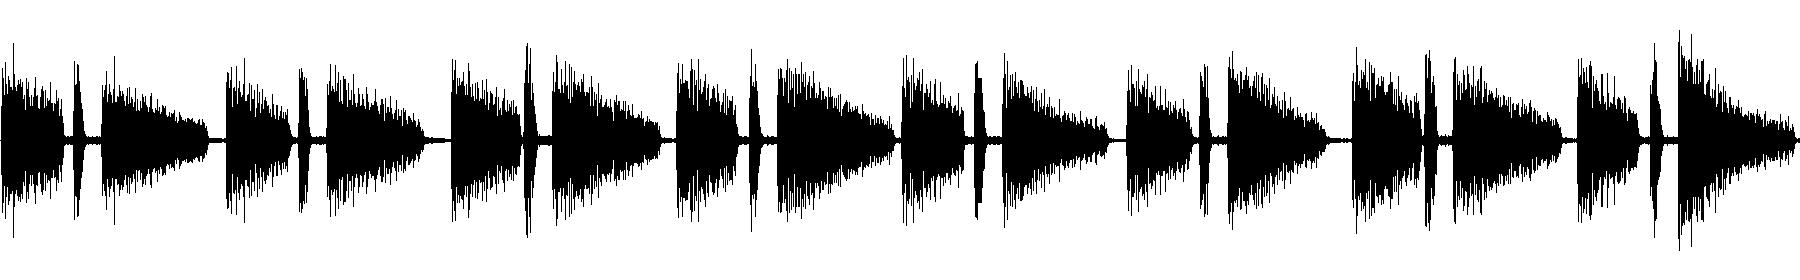 hm 124 bf epiano7